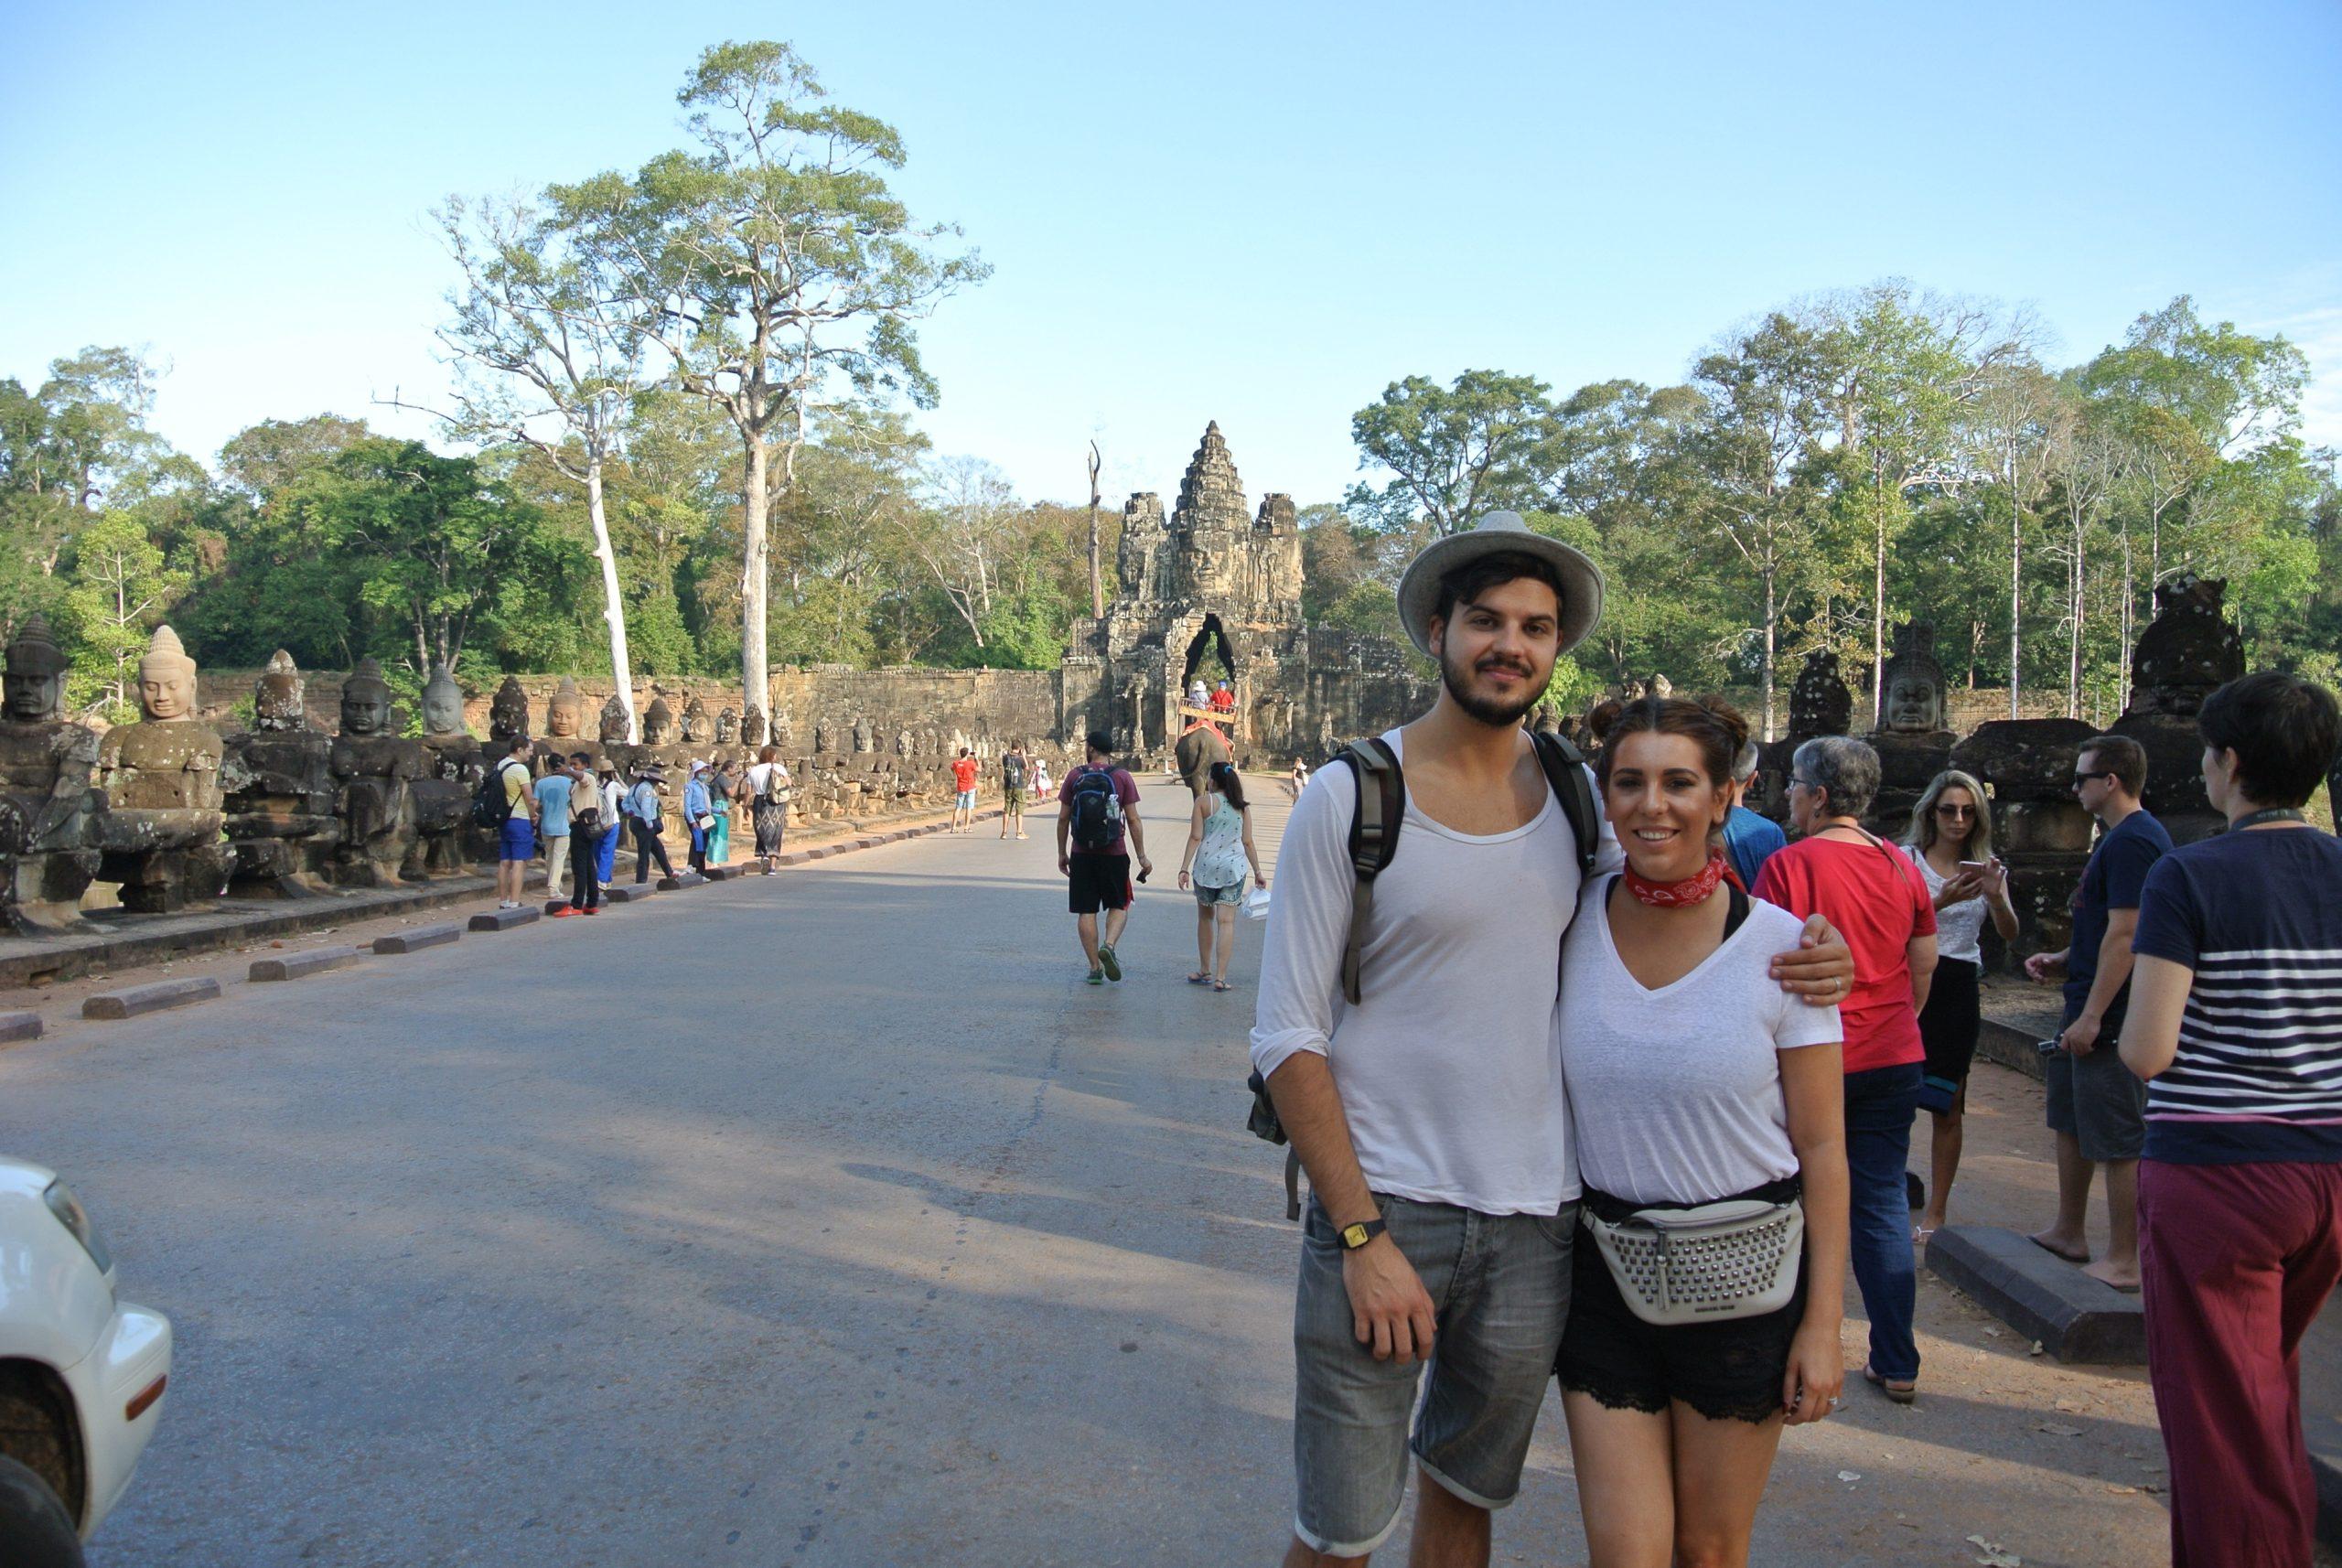 Sightseeing in Siem Reap